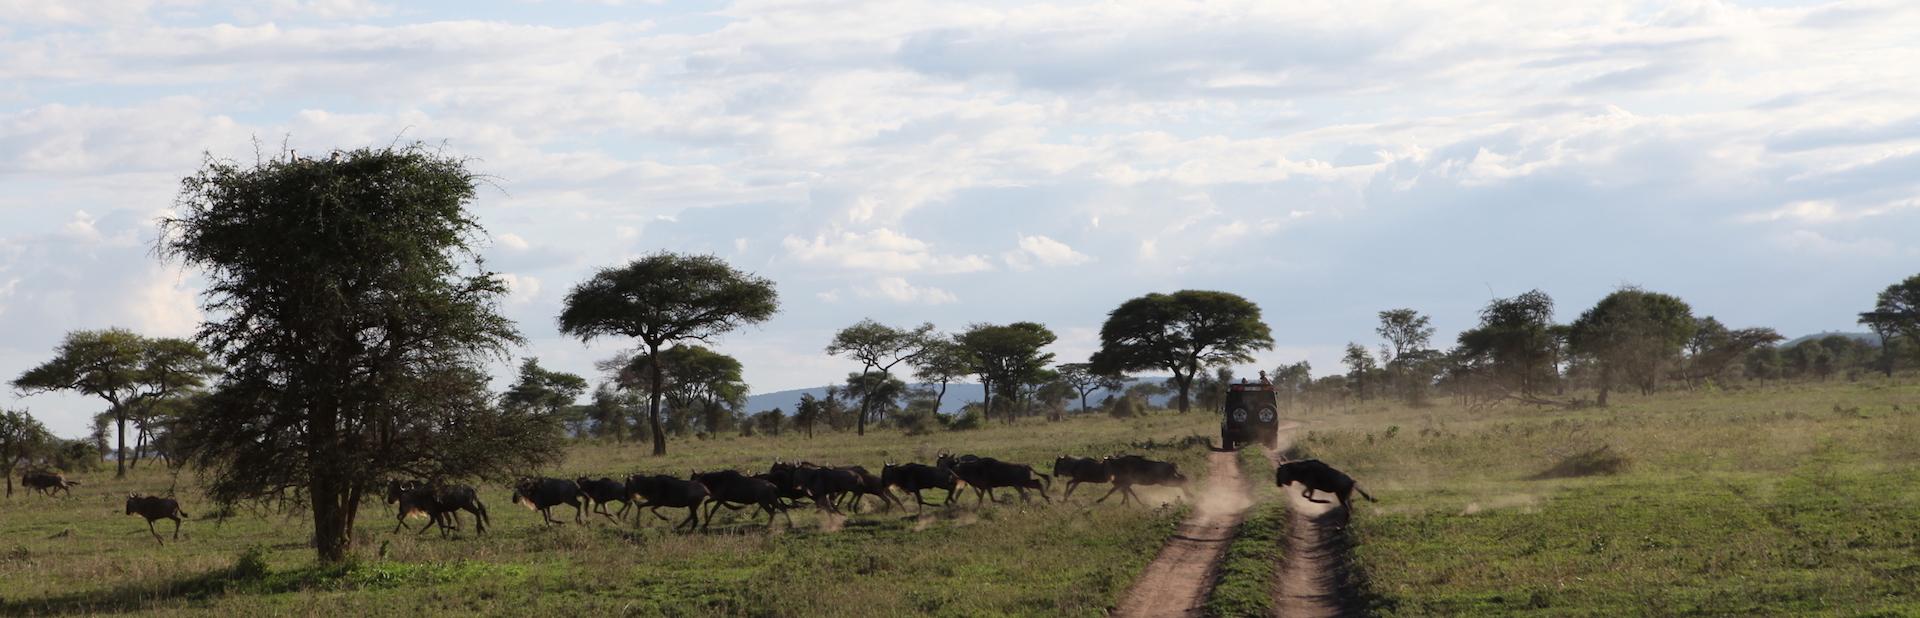 Tierherden auf einer Safari im Jepp durch Tansania